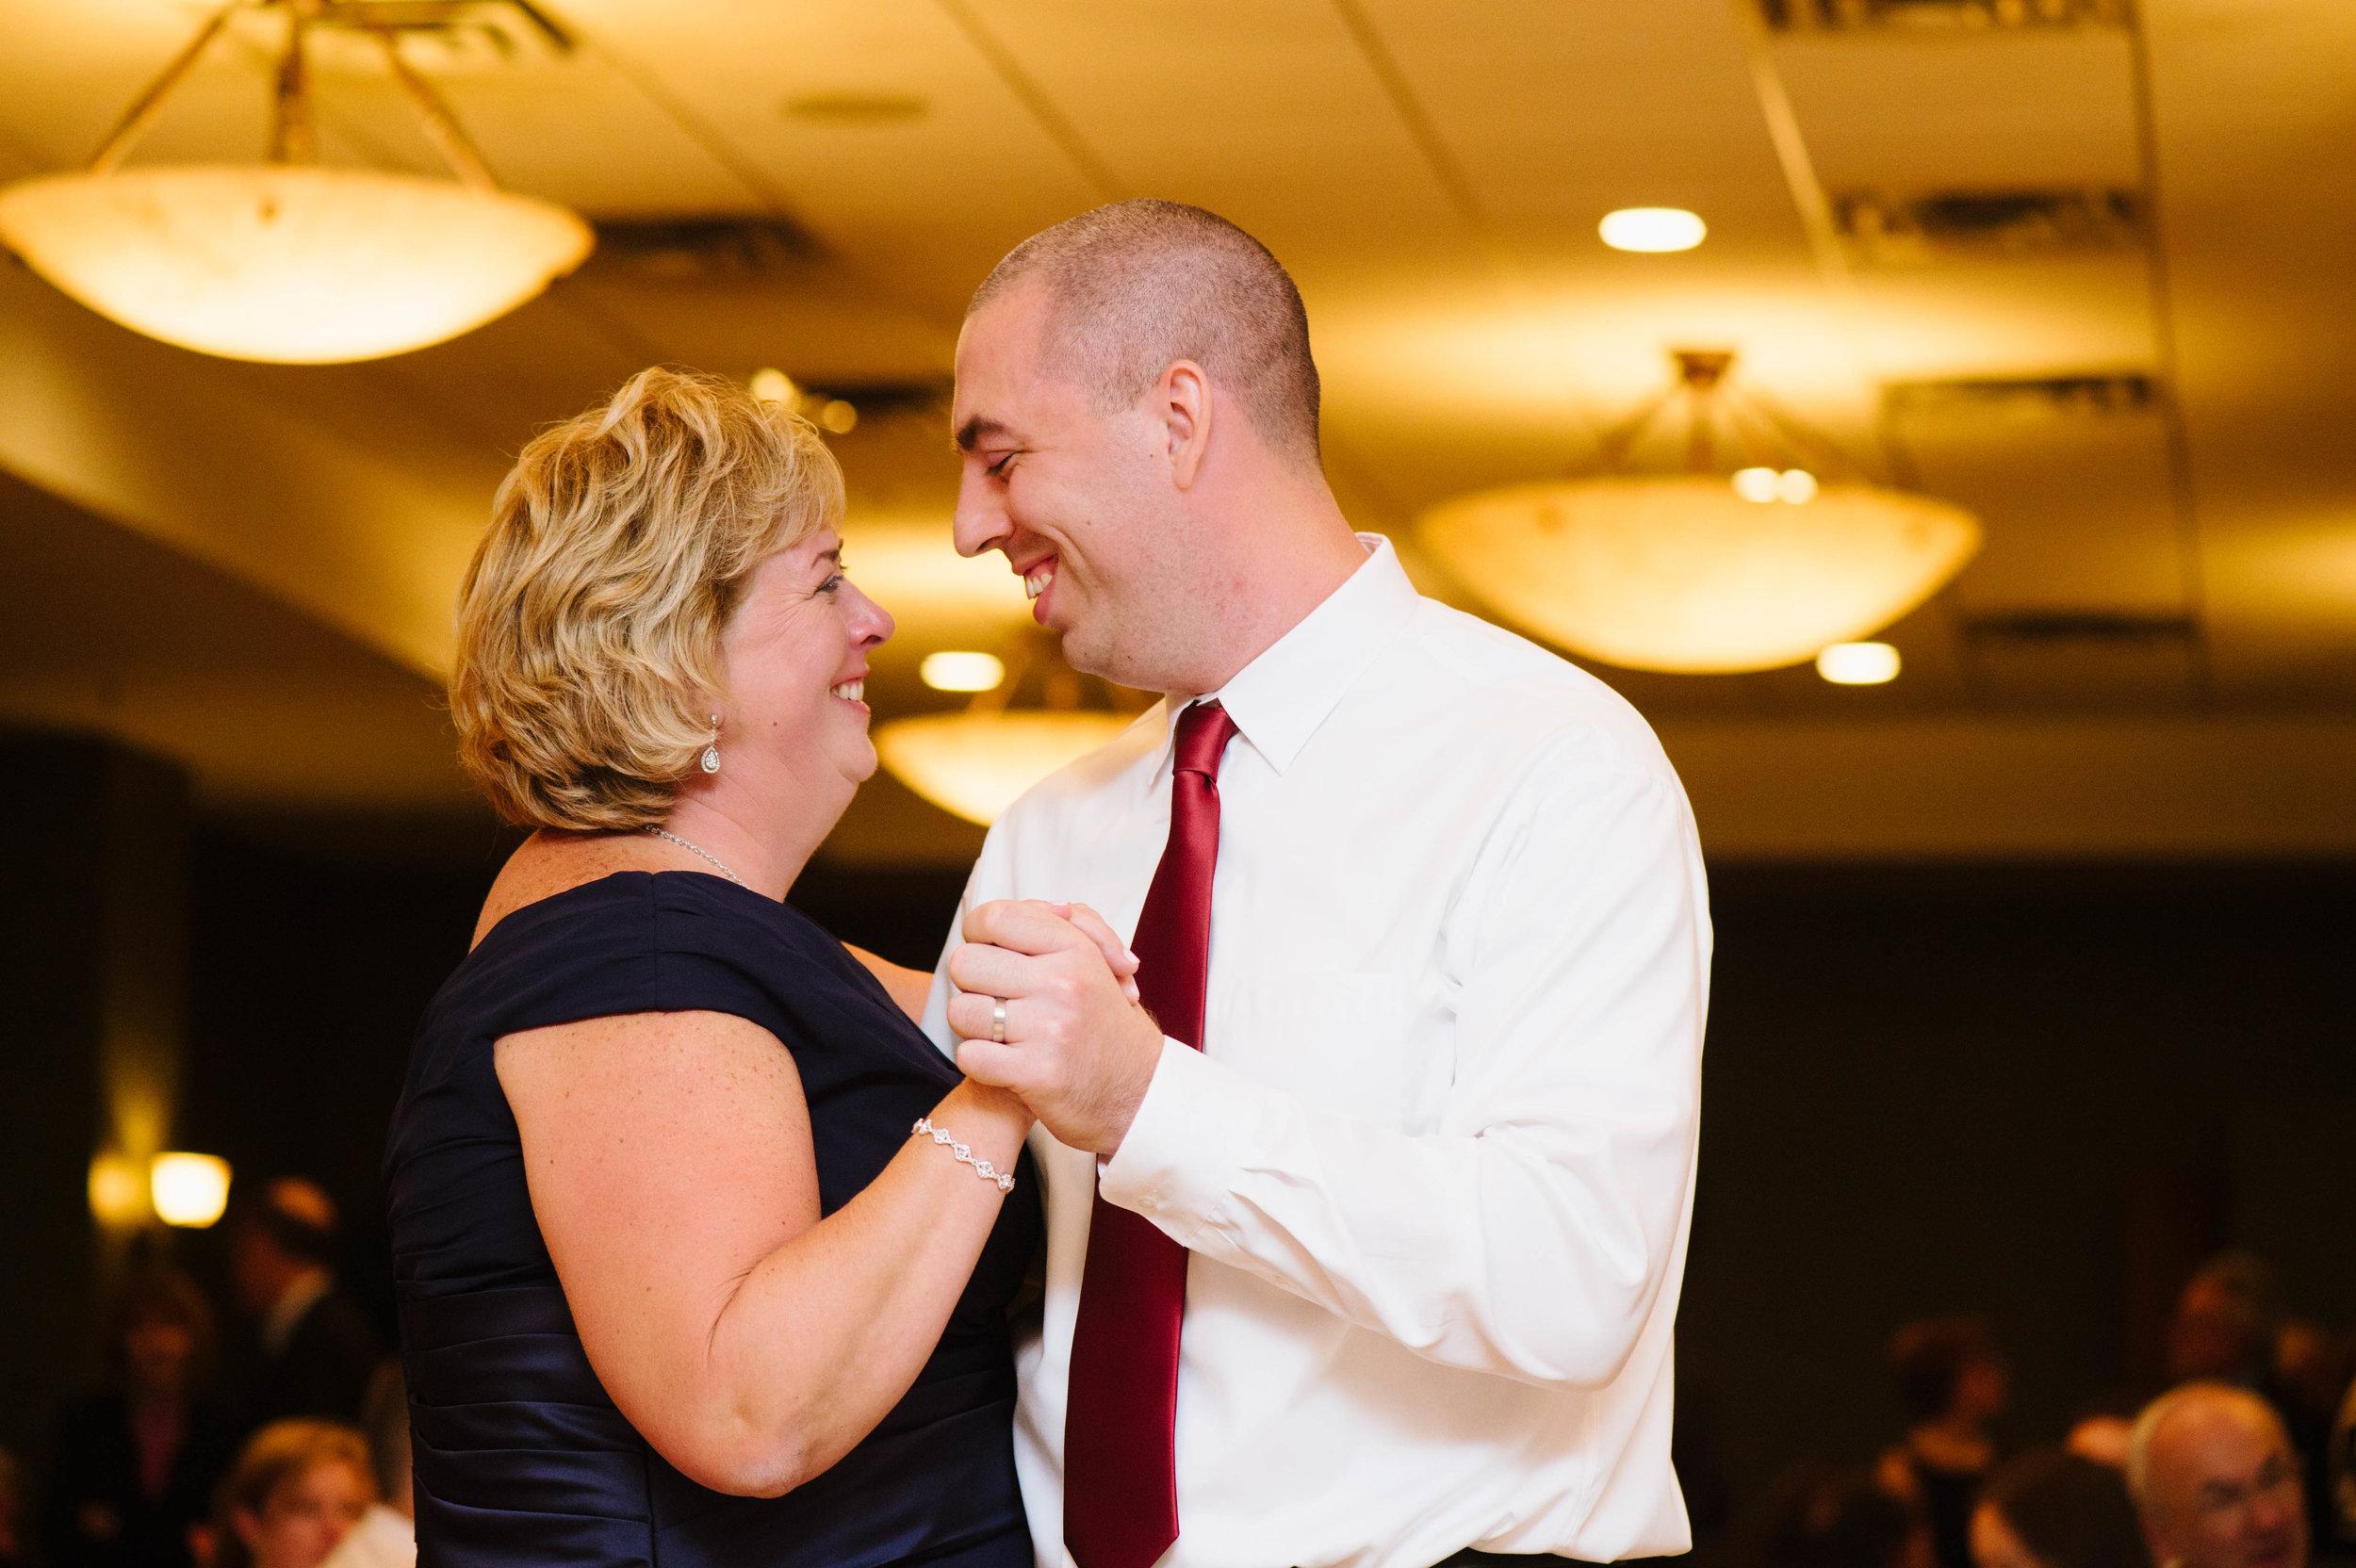 Candid-Wedding-Photography-Massachusetts024.jpg